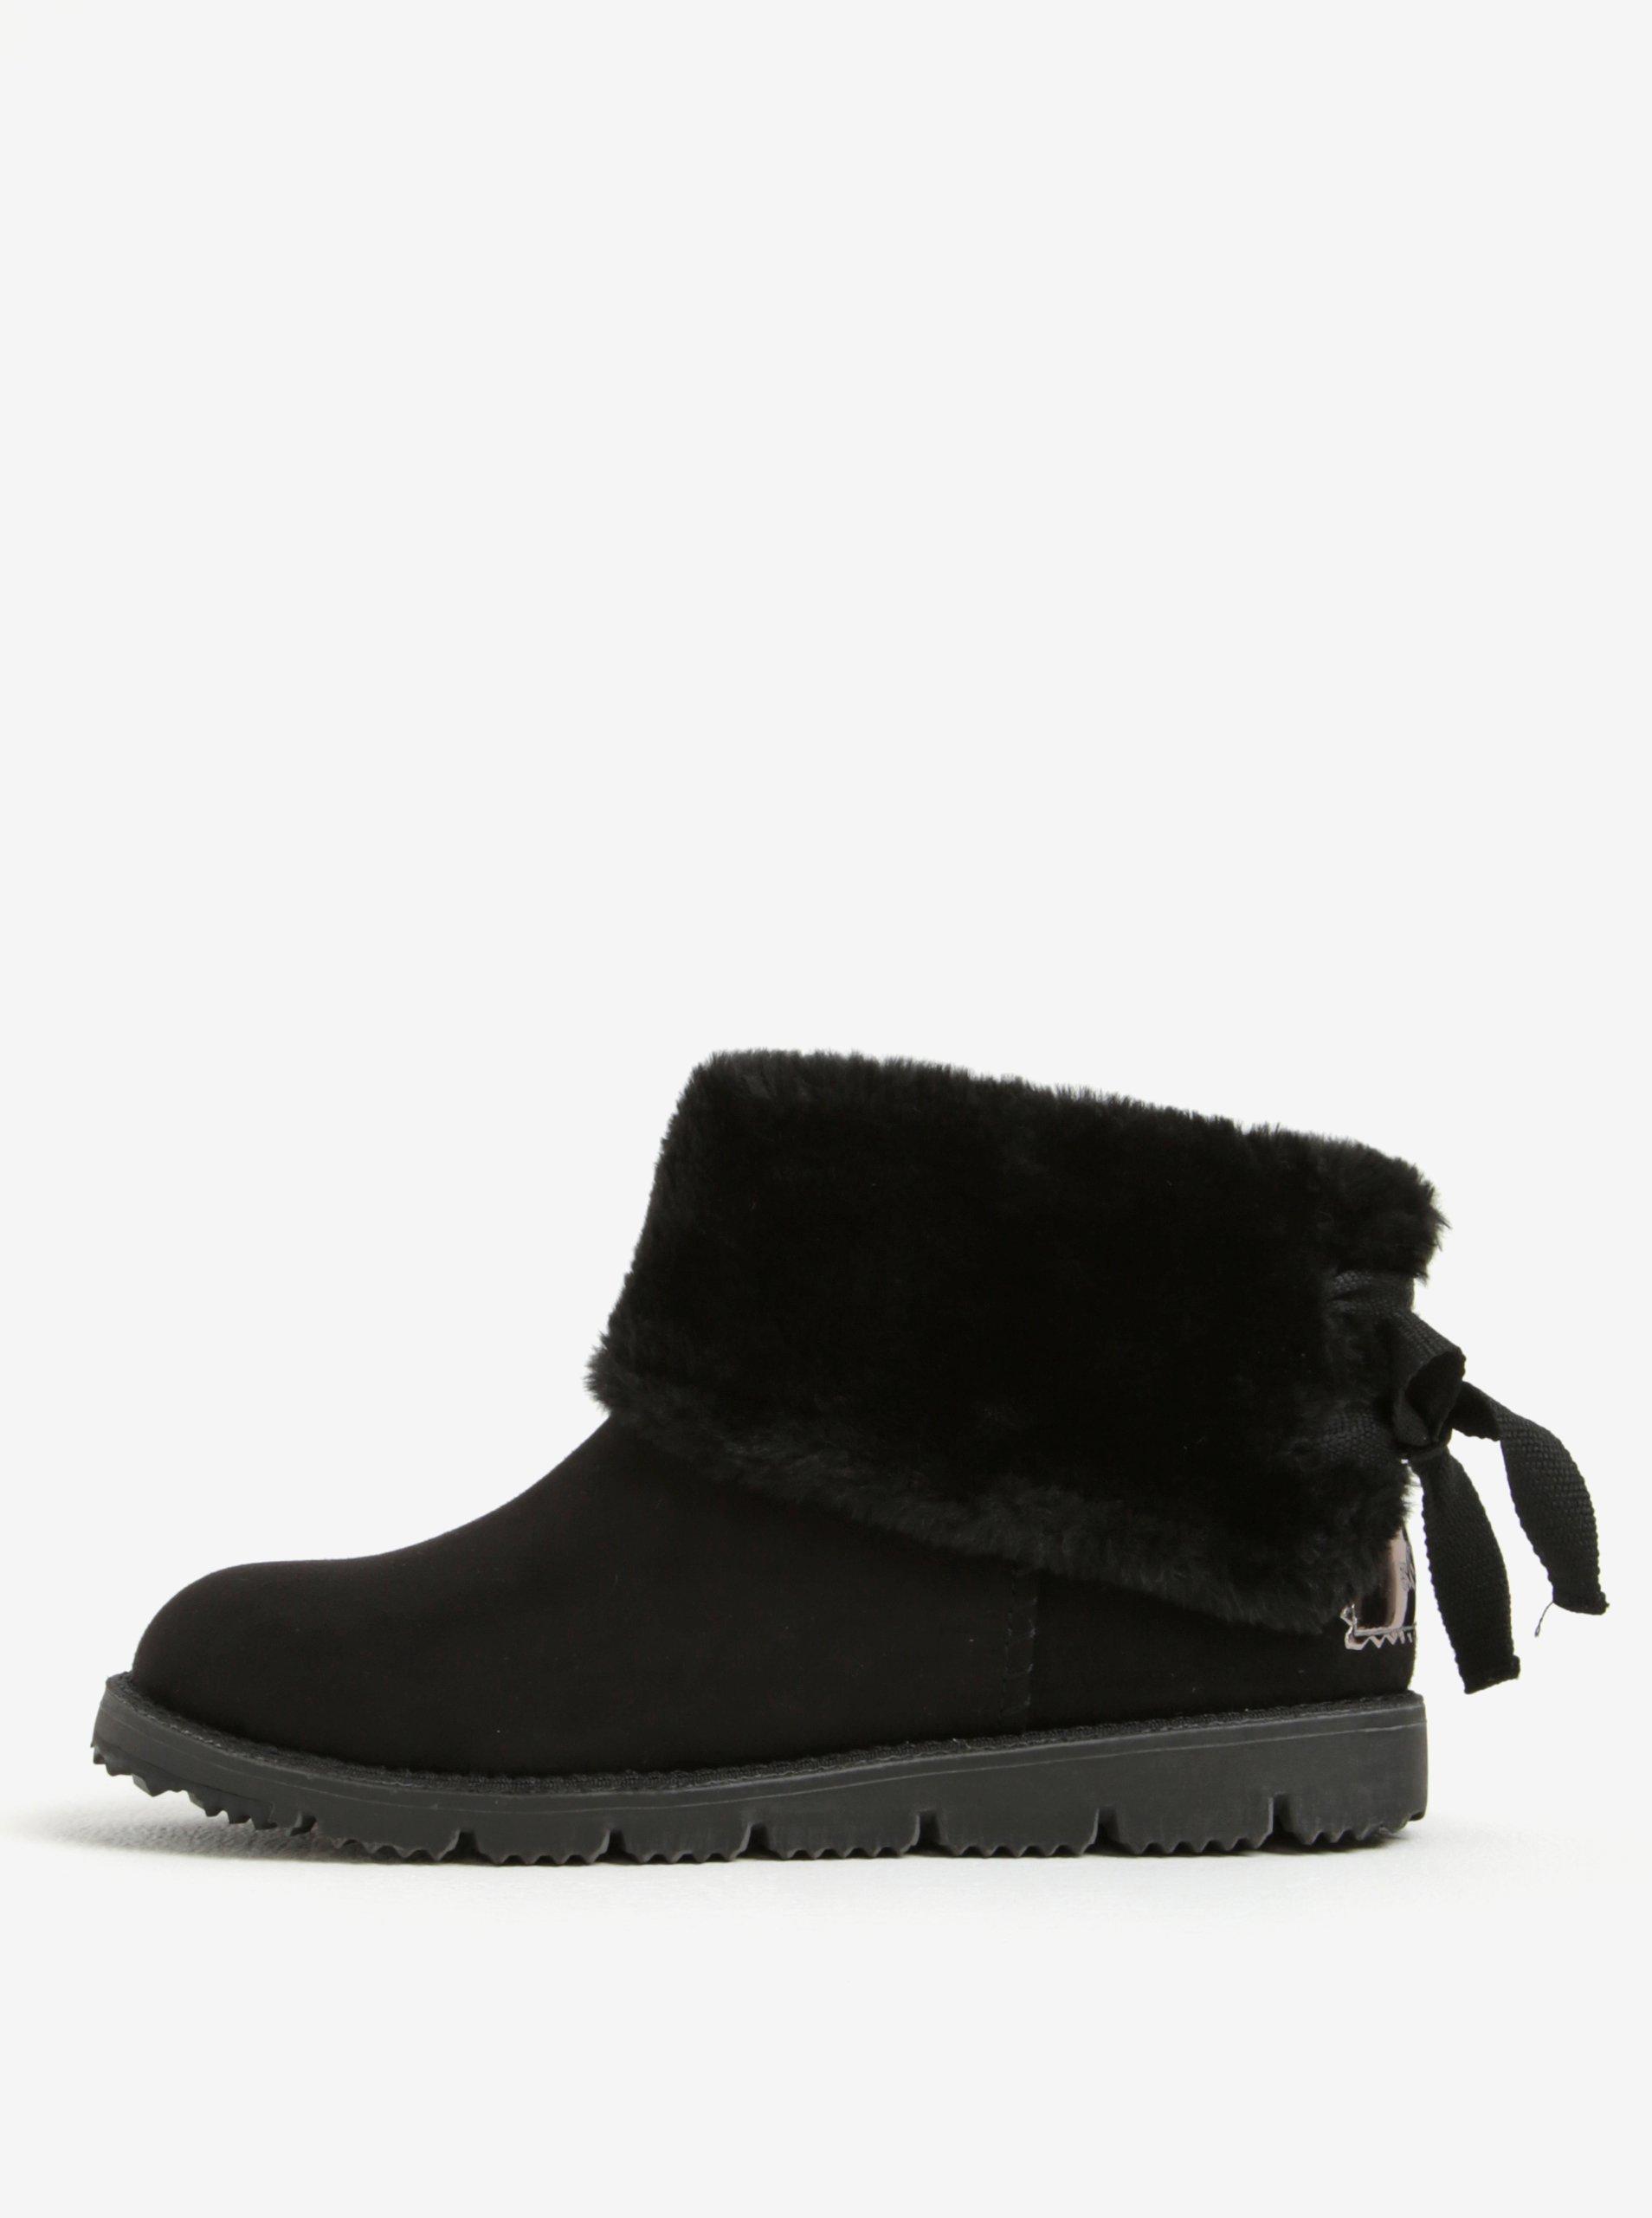 Černé dámské zimní kotníkové boty v semišové úpravě s.Oliver